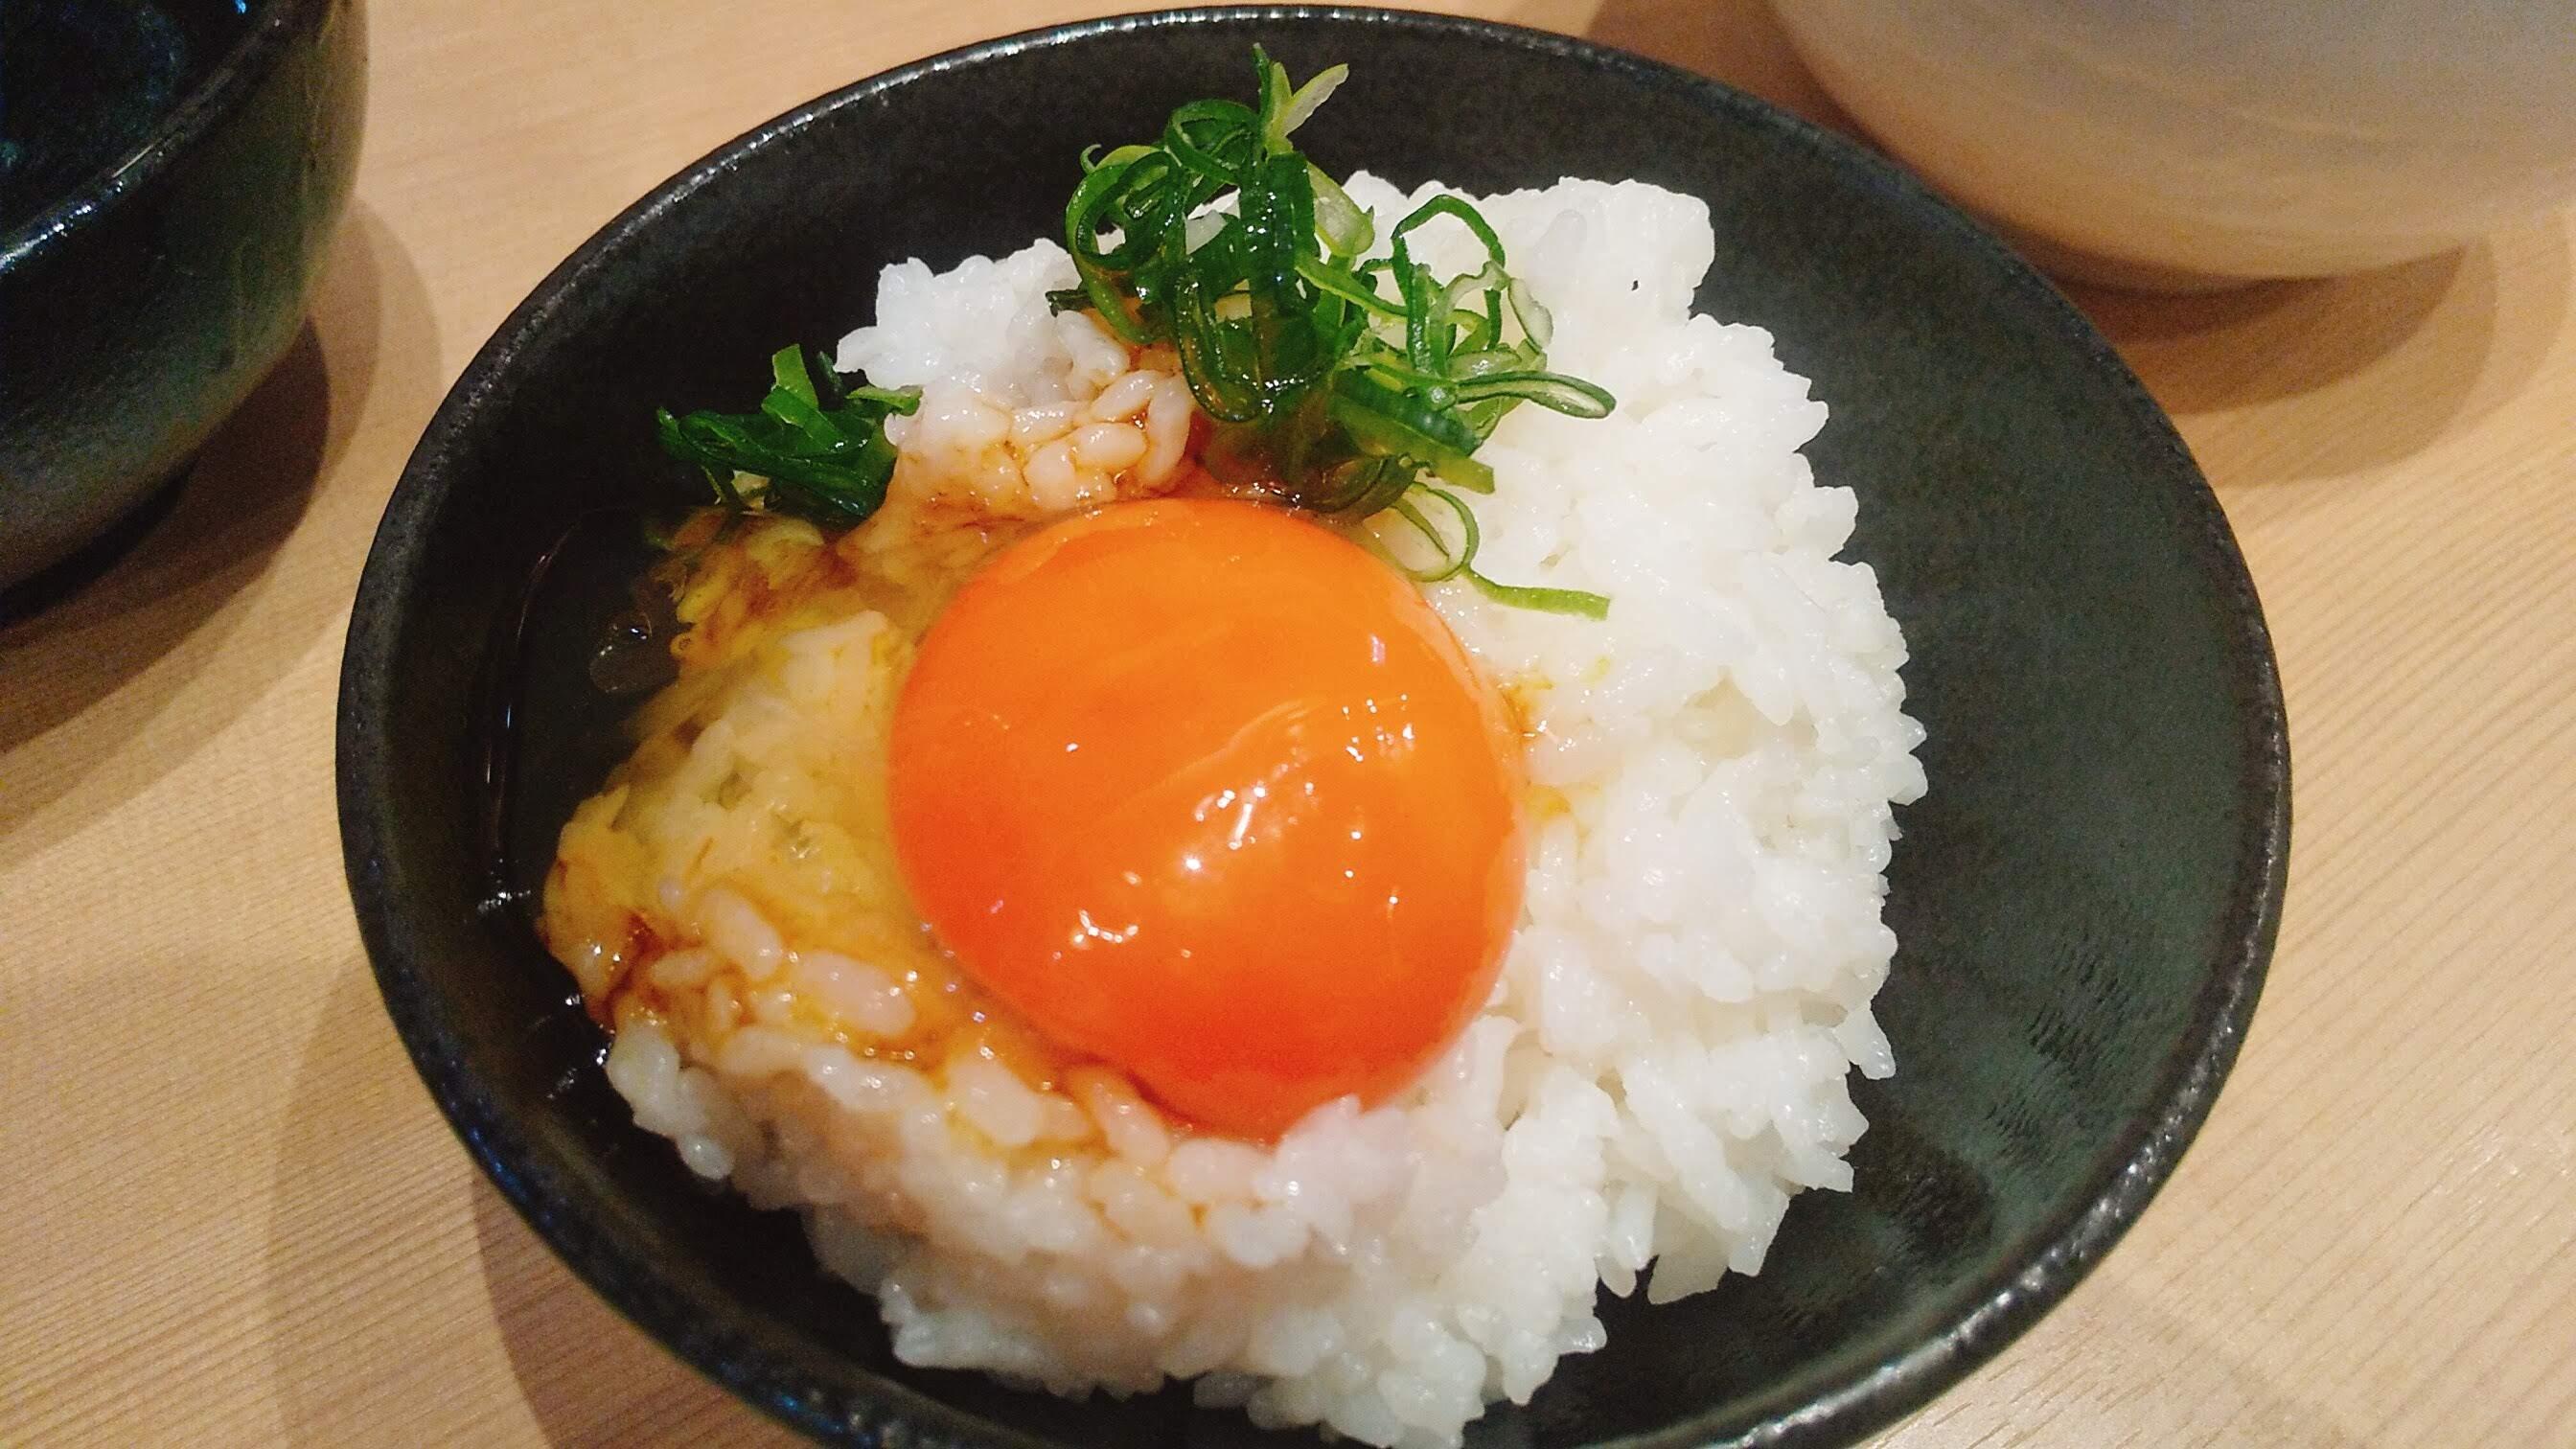 きょうすけの卵かけご飯のアップ